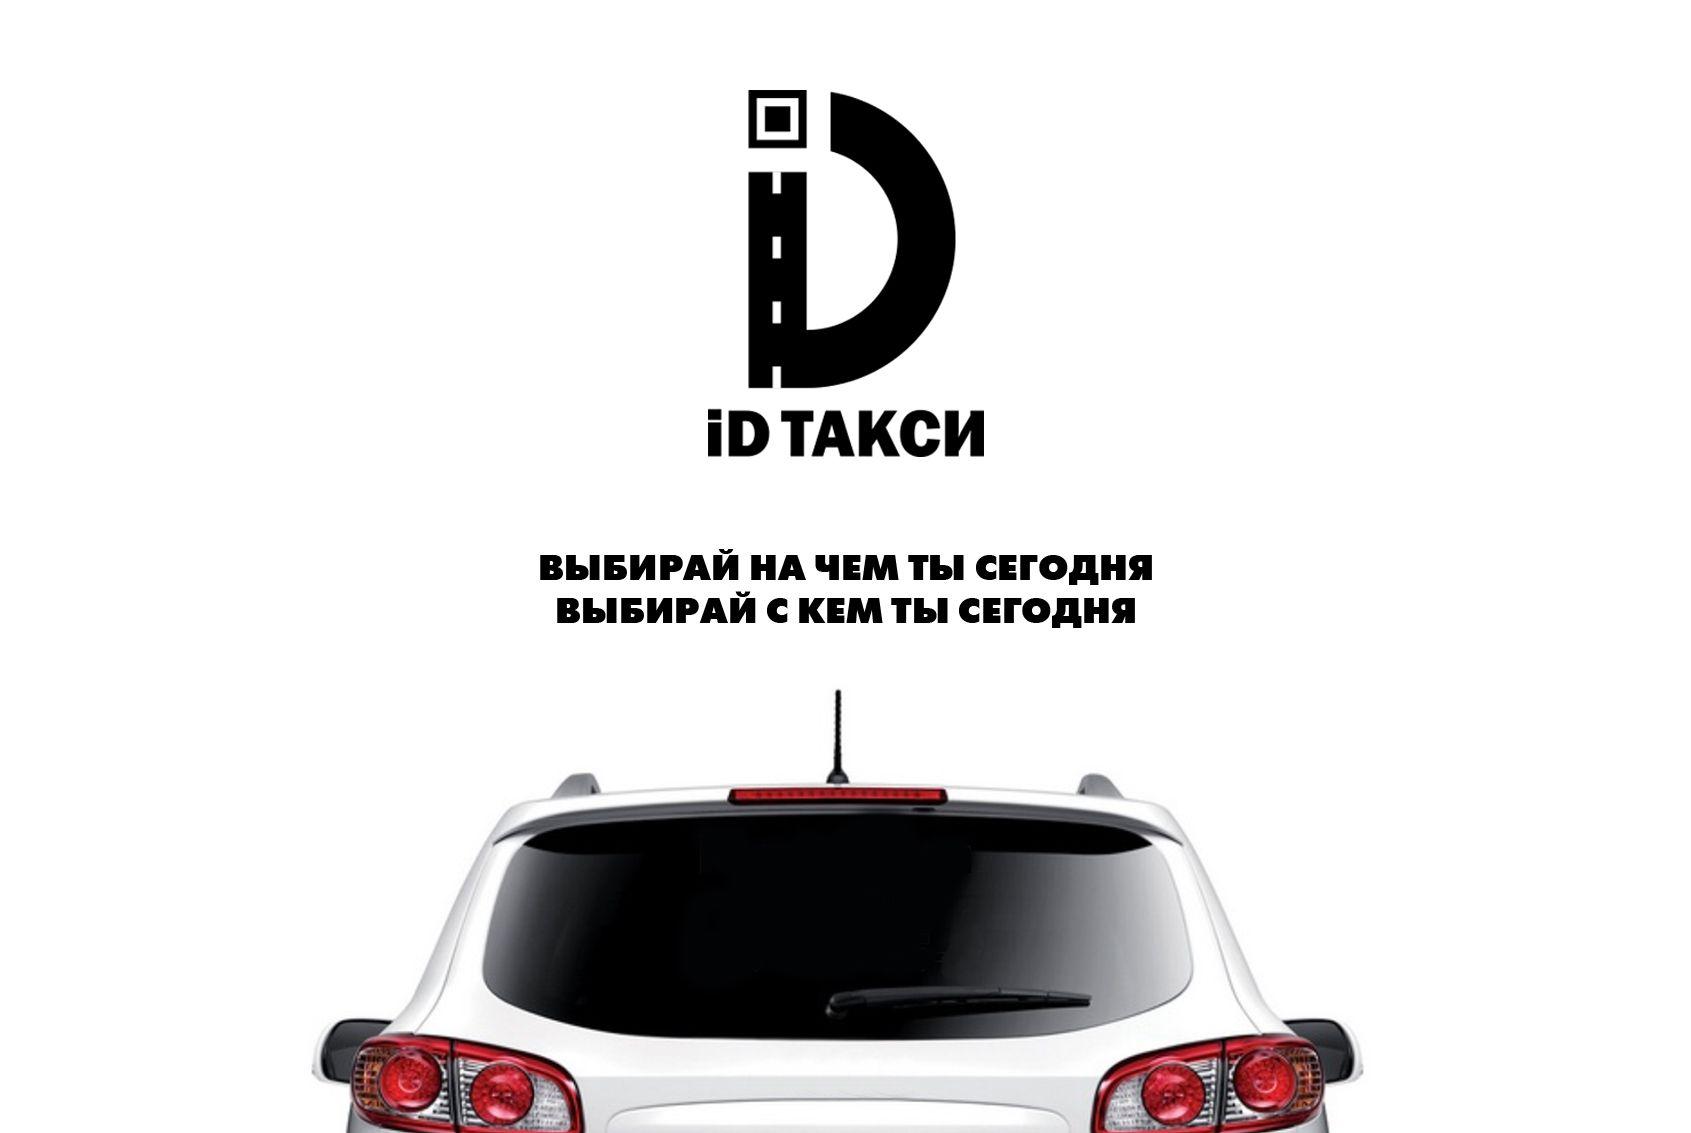 Лого и фирменный стиль для iD Такси - дизайнер klusova